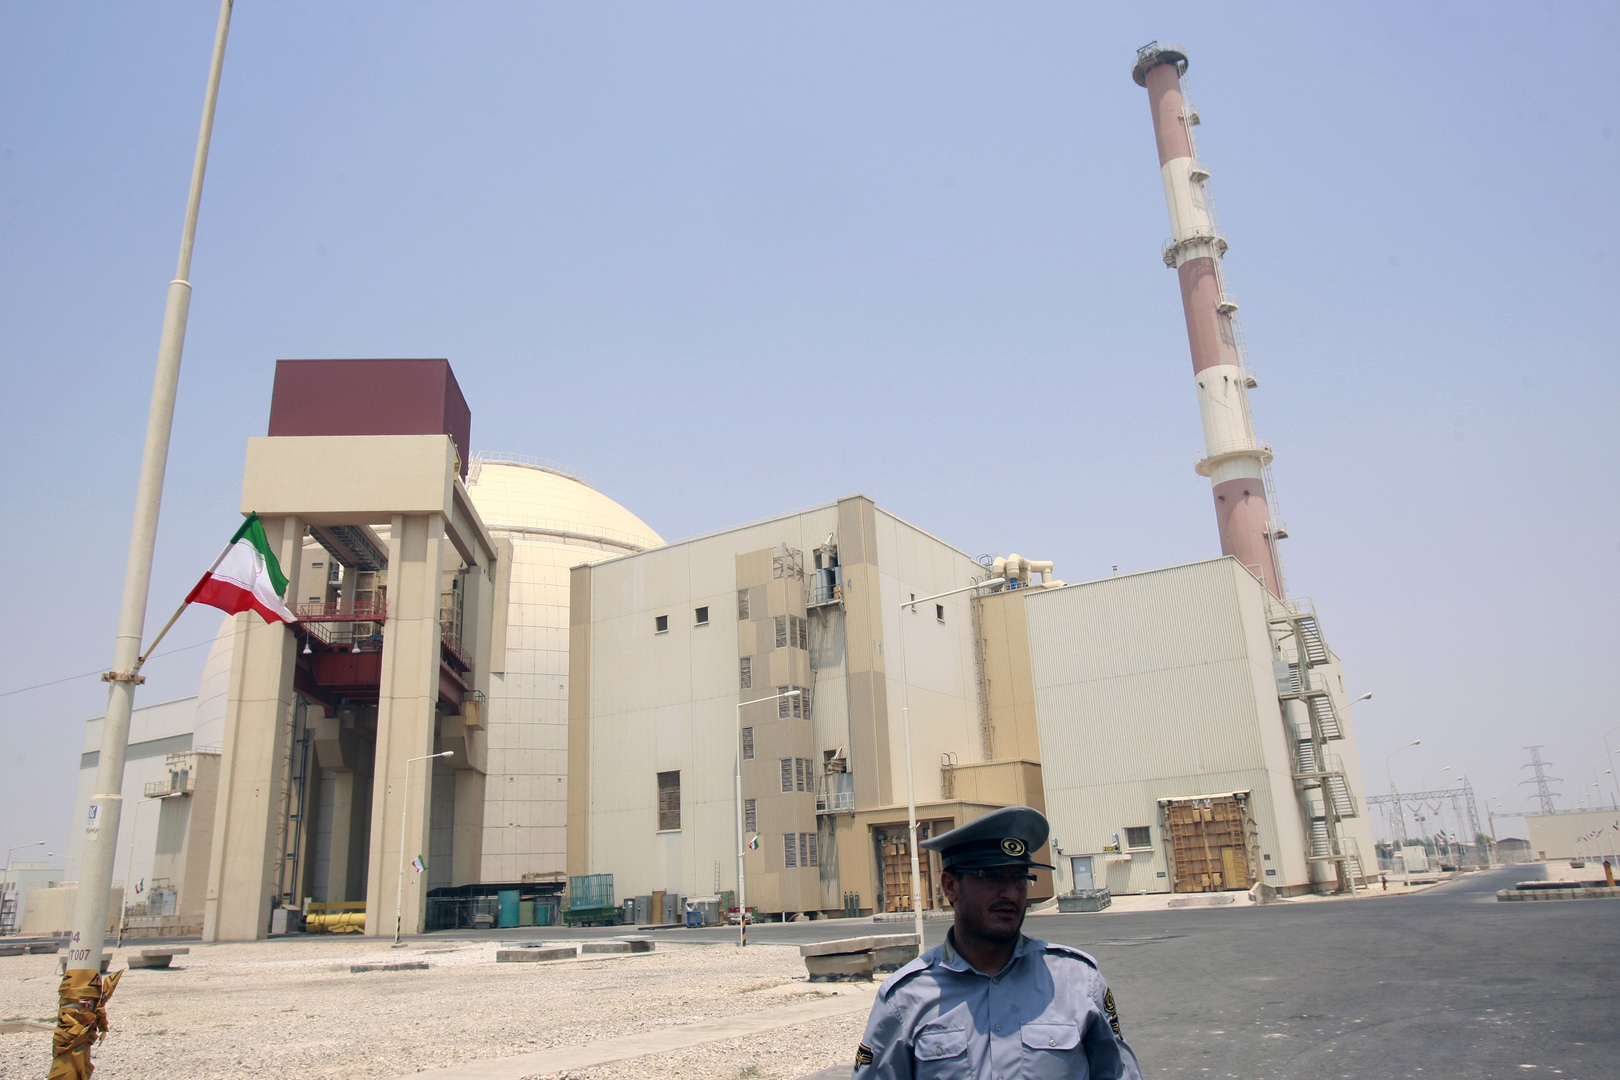 مصدر: محاولة تخريب مبنى منظمة الطاقة الذرية الإيرانية لم تكن بطائرة مسيرة